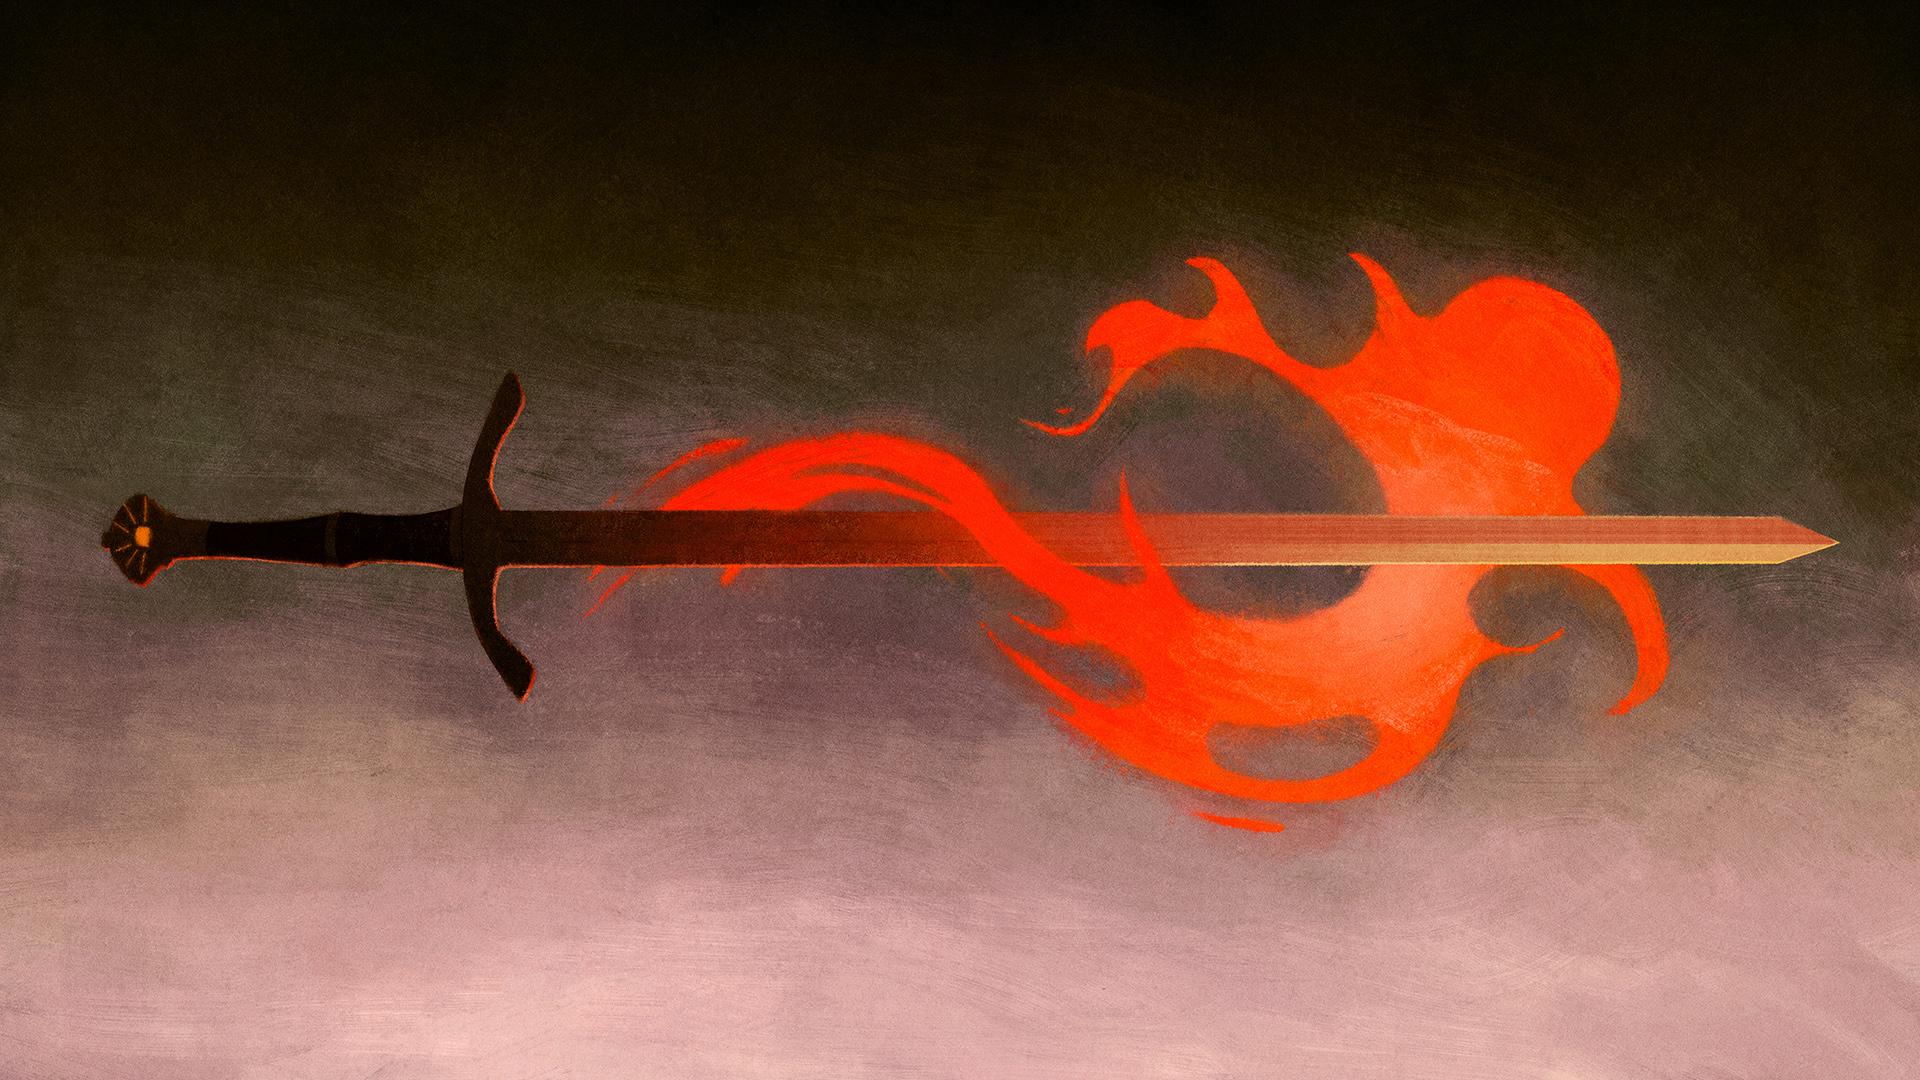 GIZMODO, Game of Thrones: Lightbringer